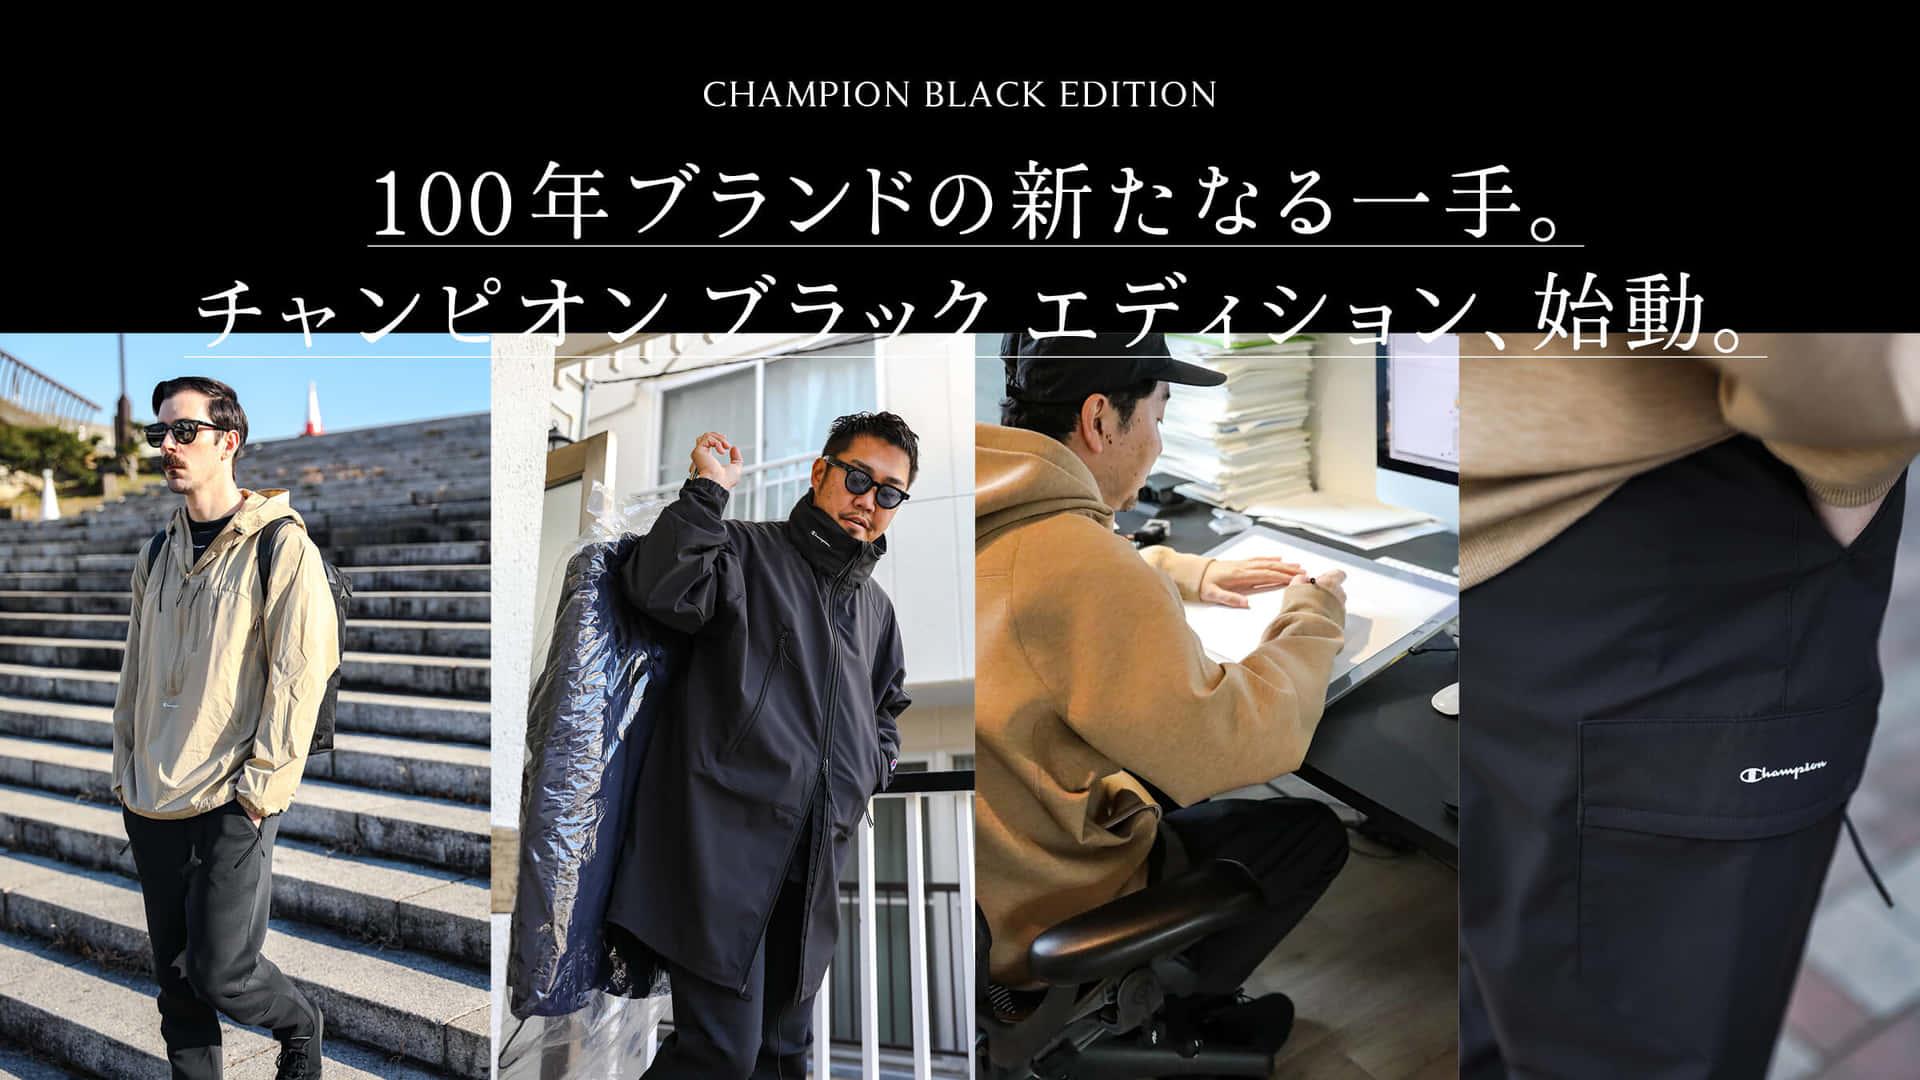 100年ブランドの新たなる一手。 チャンピオン ブラック エディション、始動。